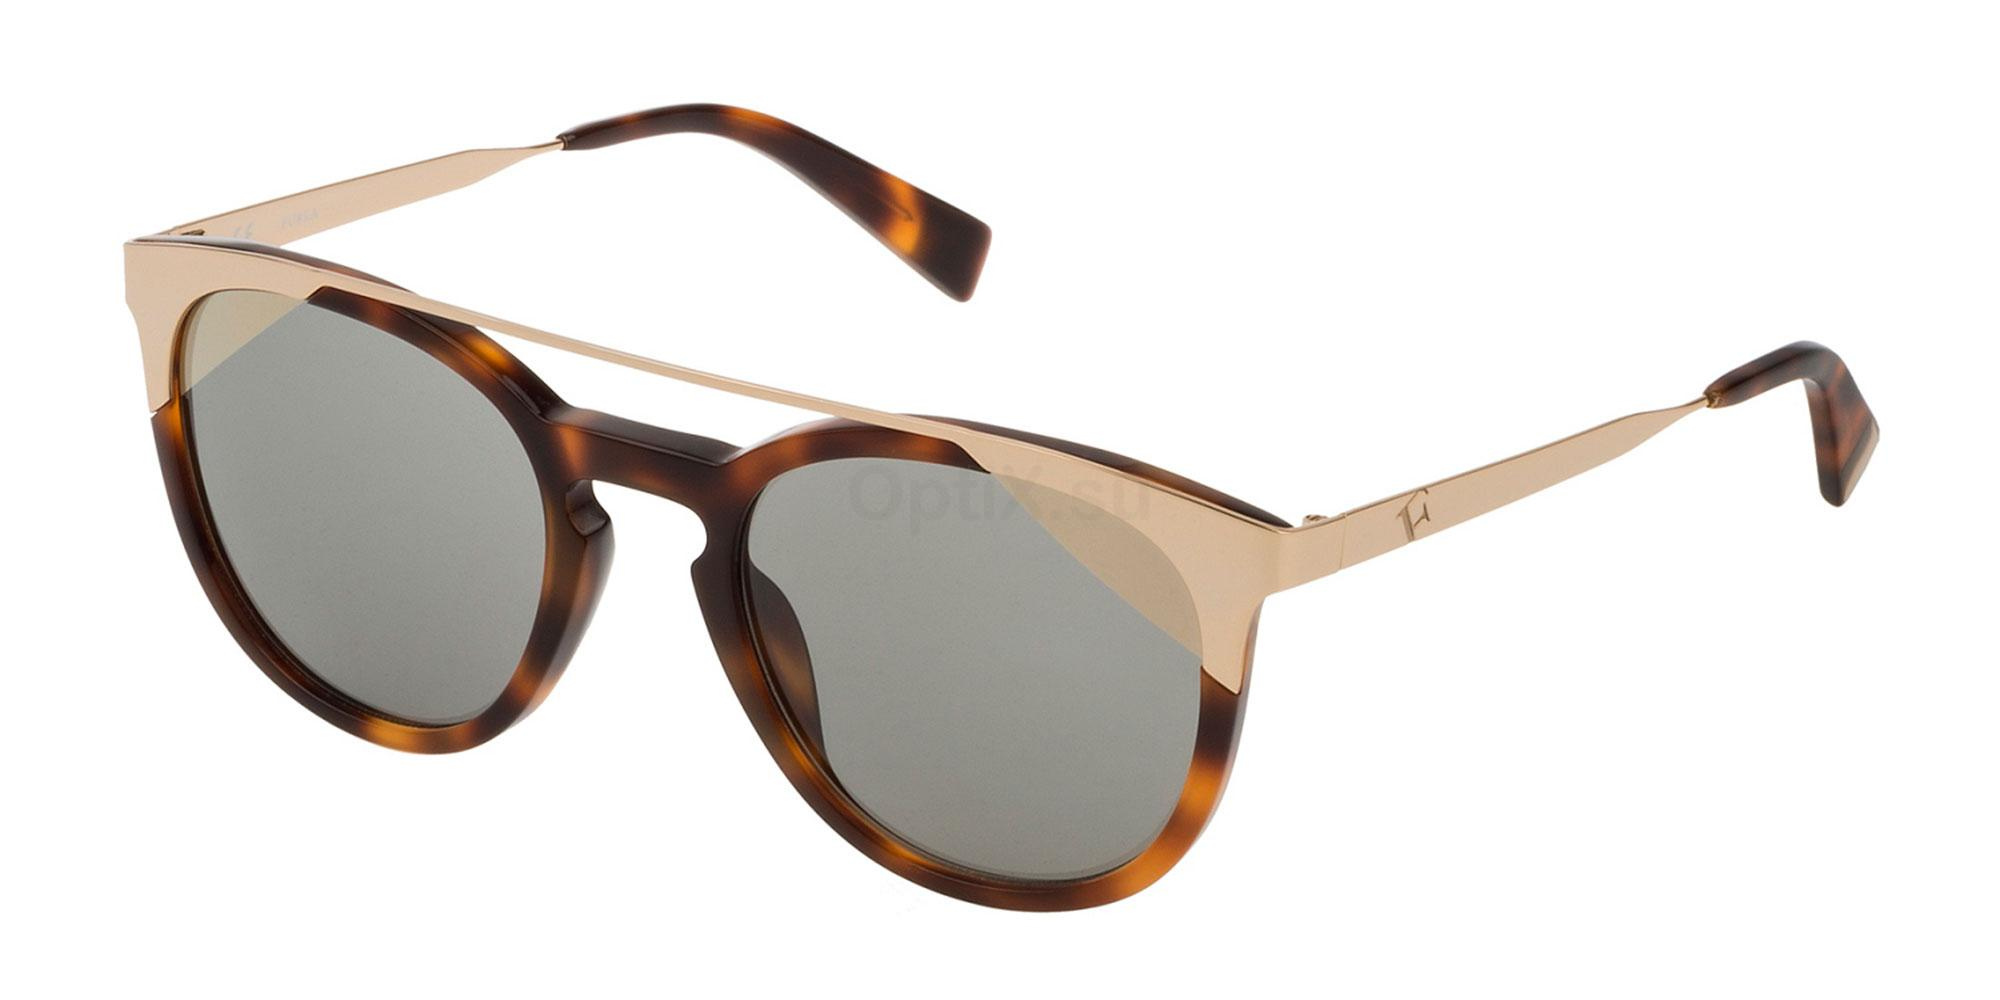 9AJG SFU244 Sunglasses, Furla